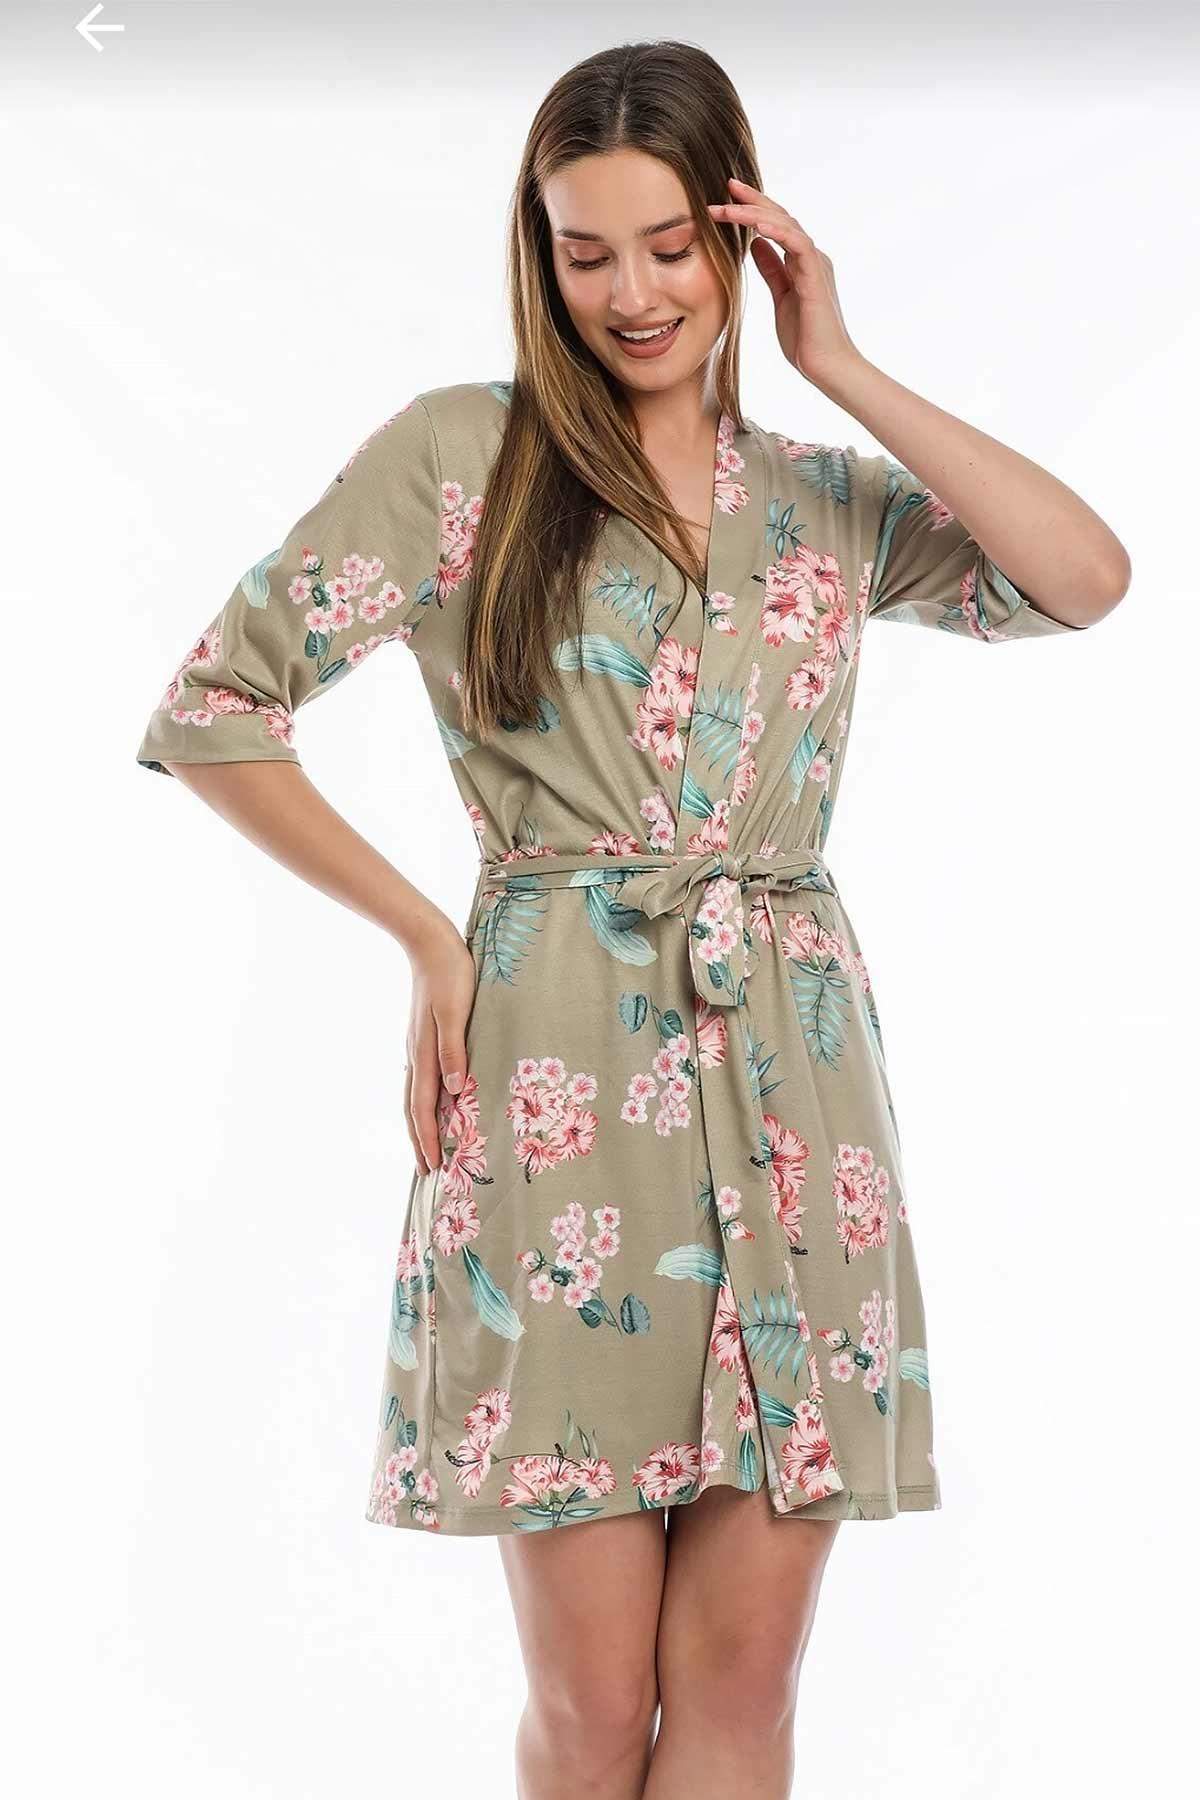 ÇeyizeDairHerşey - Yeşil çiçekli sabahlıklı şortlu 5 li süprem penye pijama seti (1)